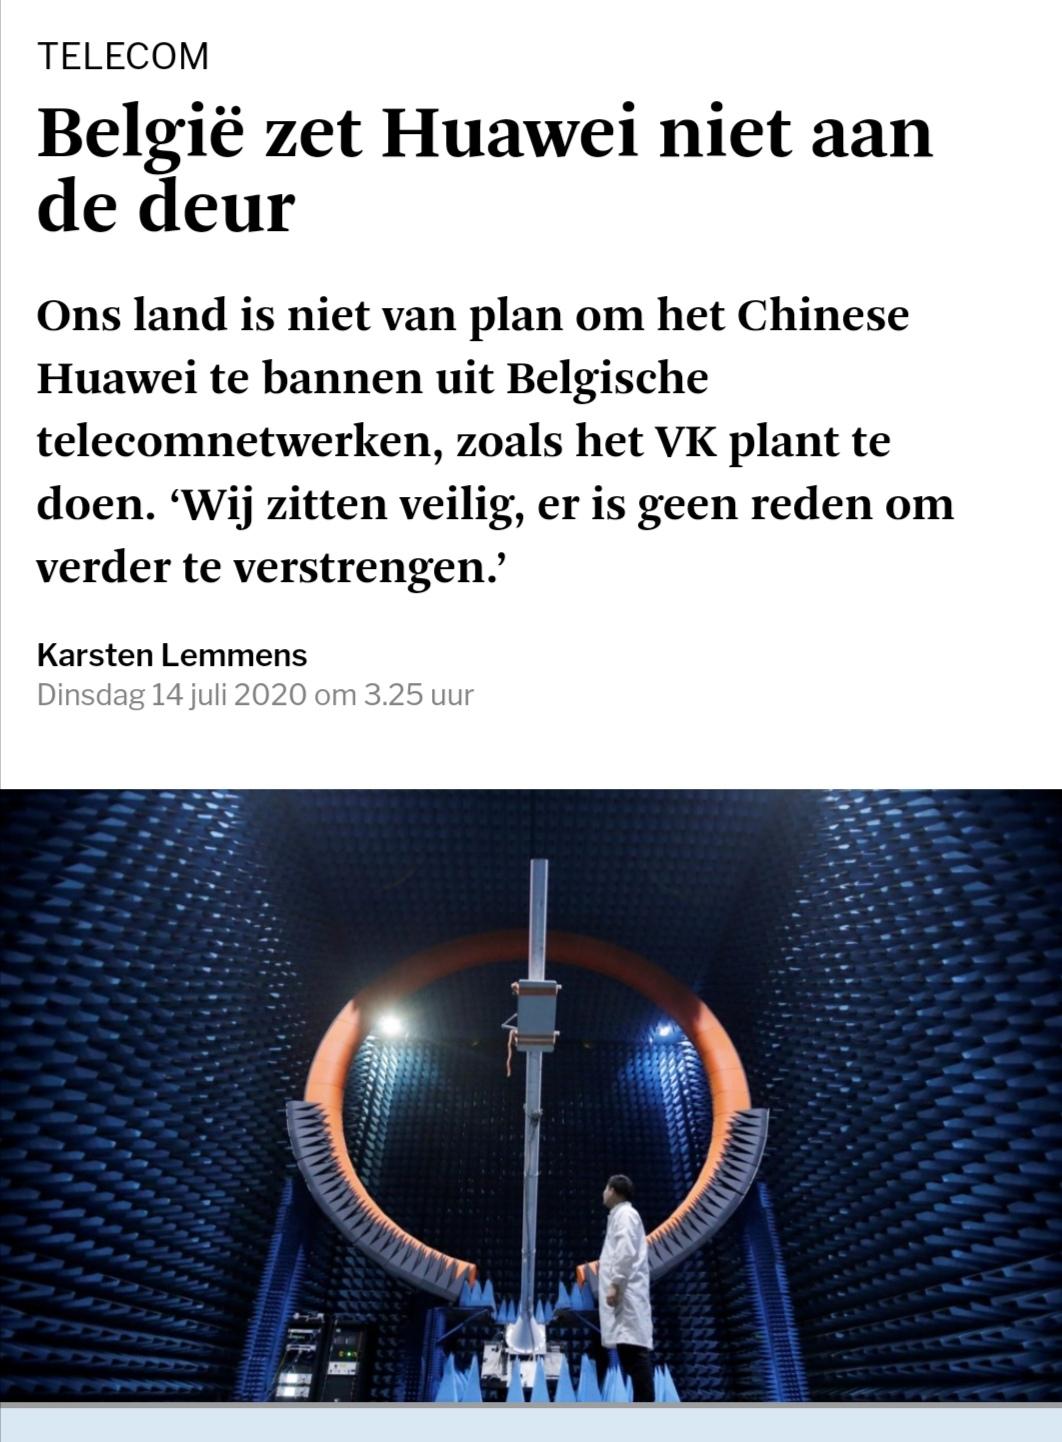 杏悦,利时电信部部长比利时不杏悦会将华为拒之门外图片